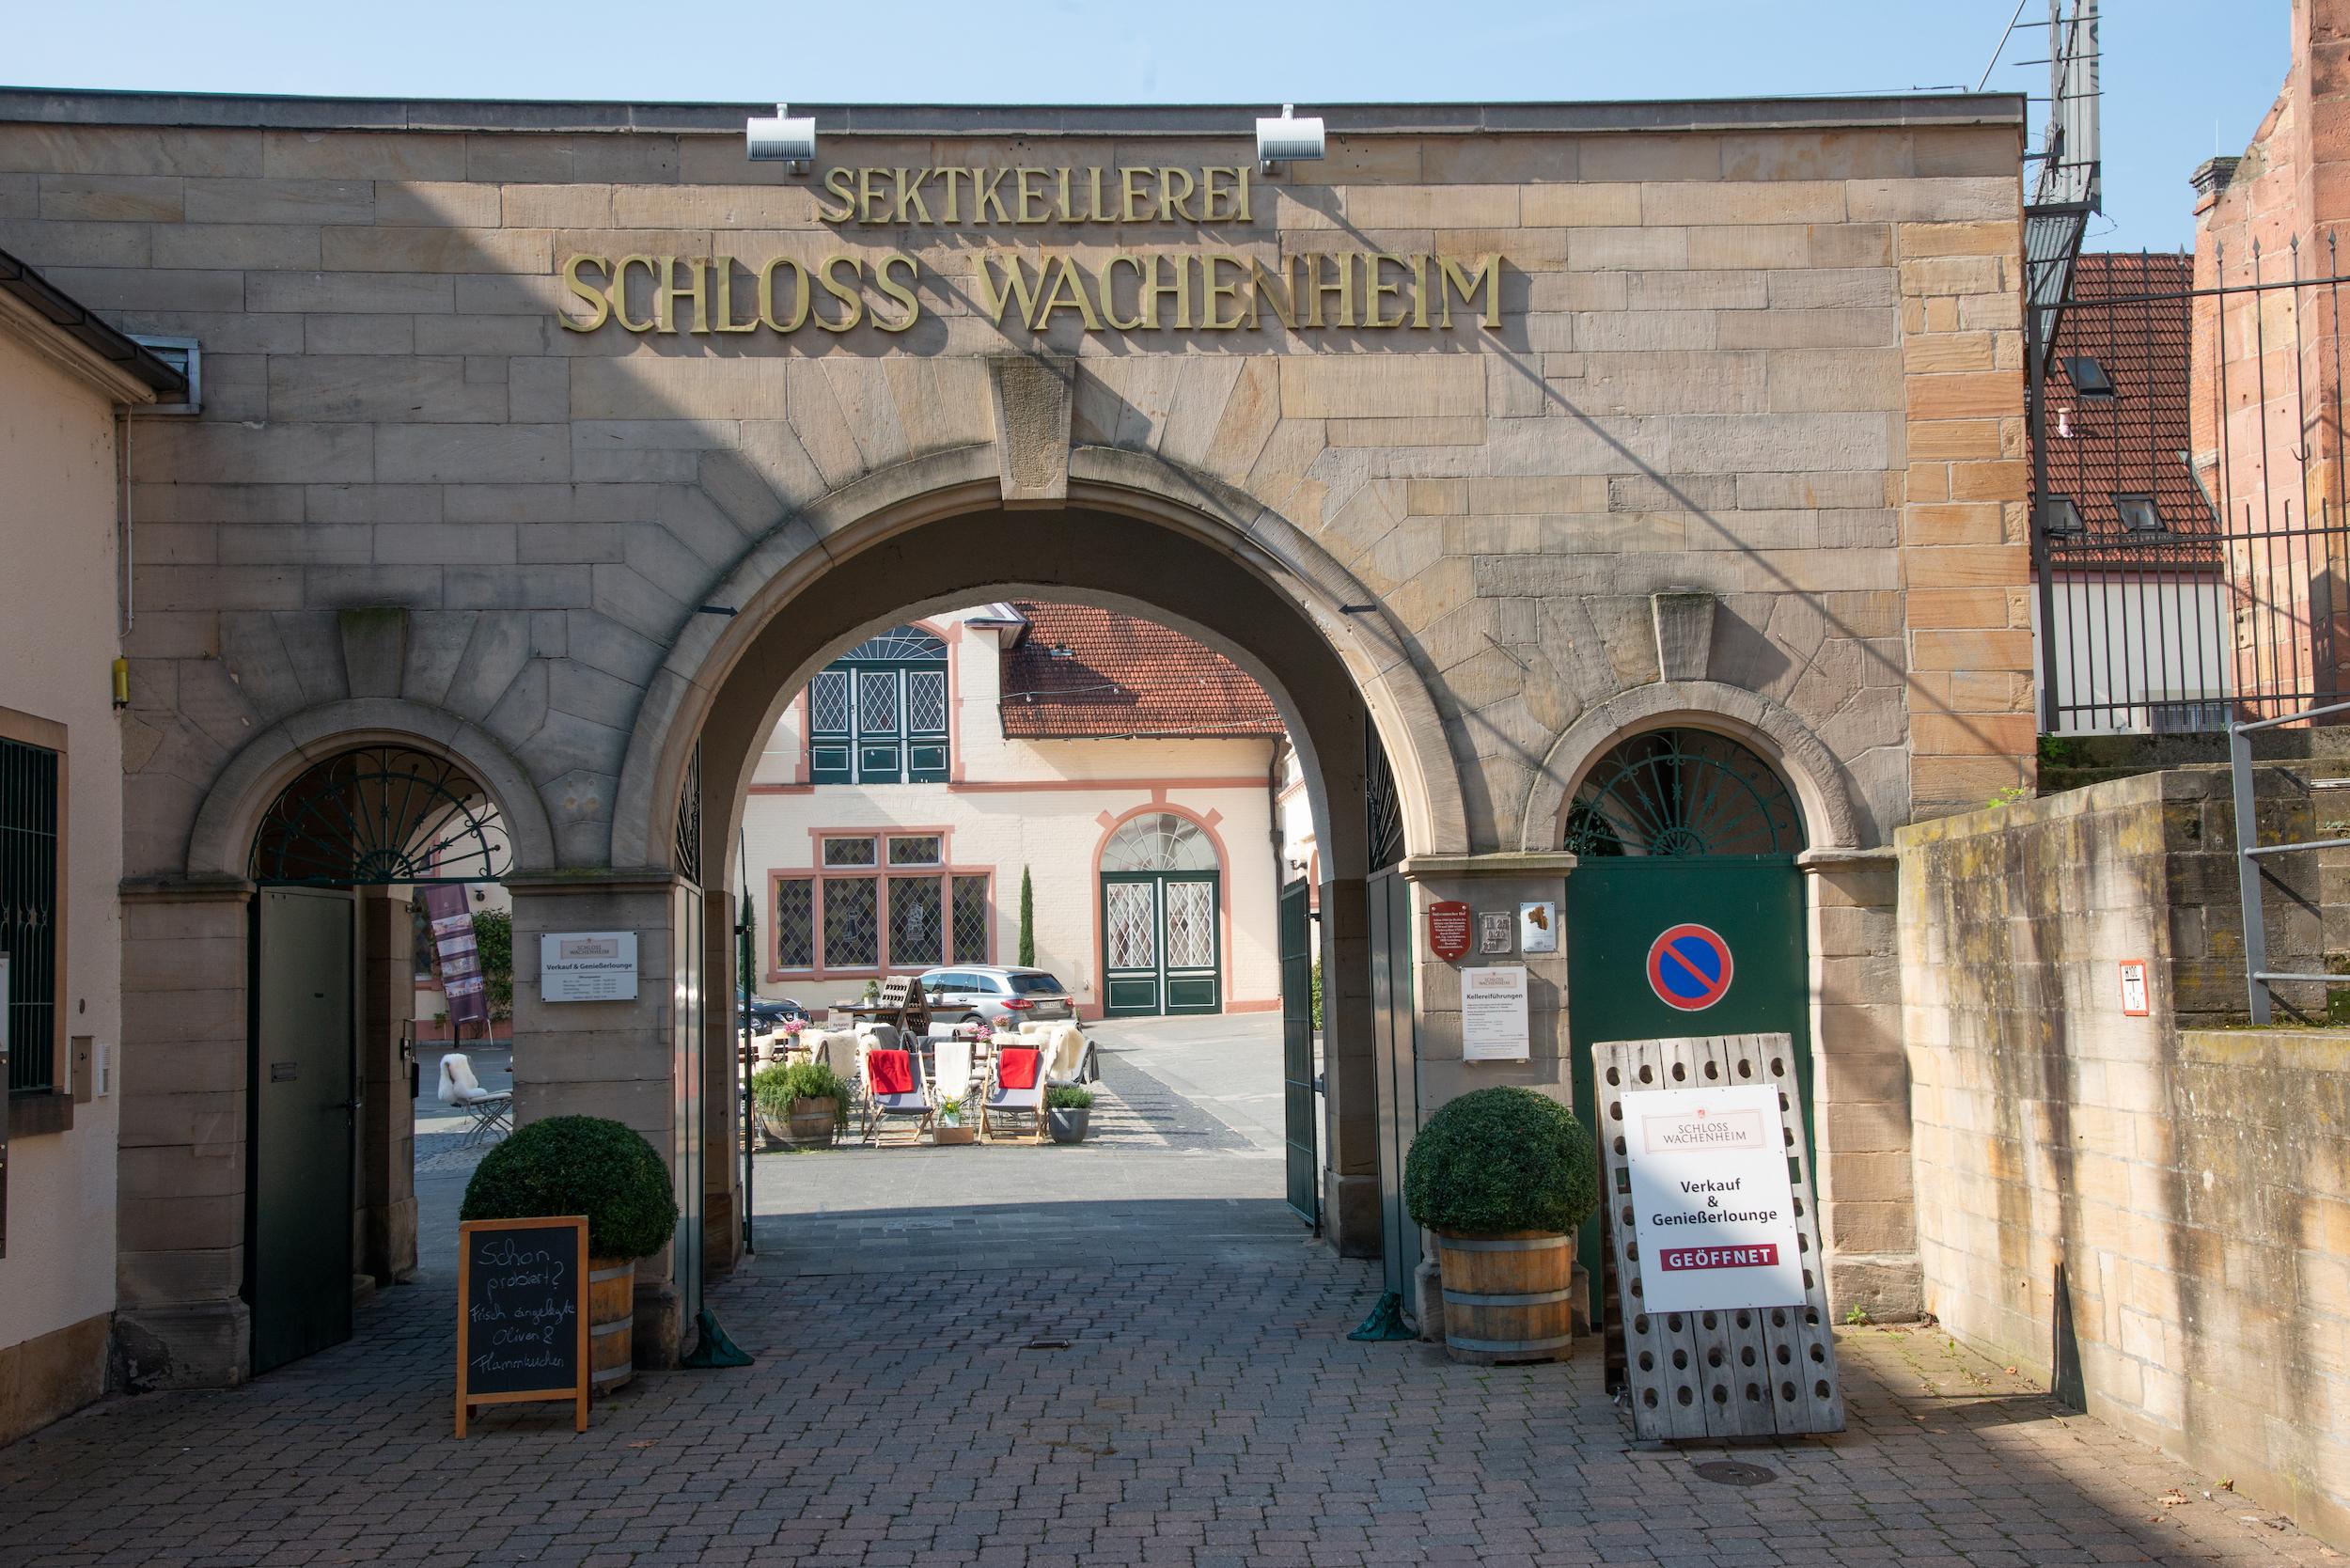 Sektkellerei Schloss Wachenheim